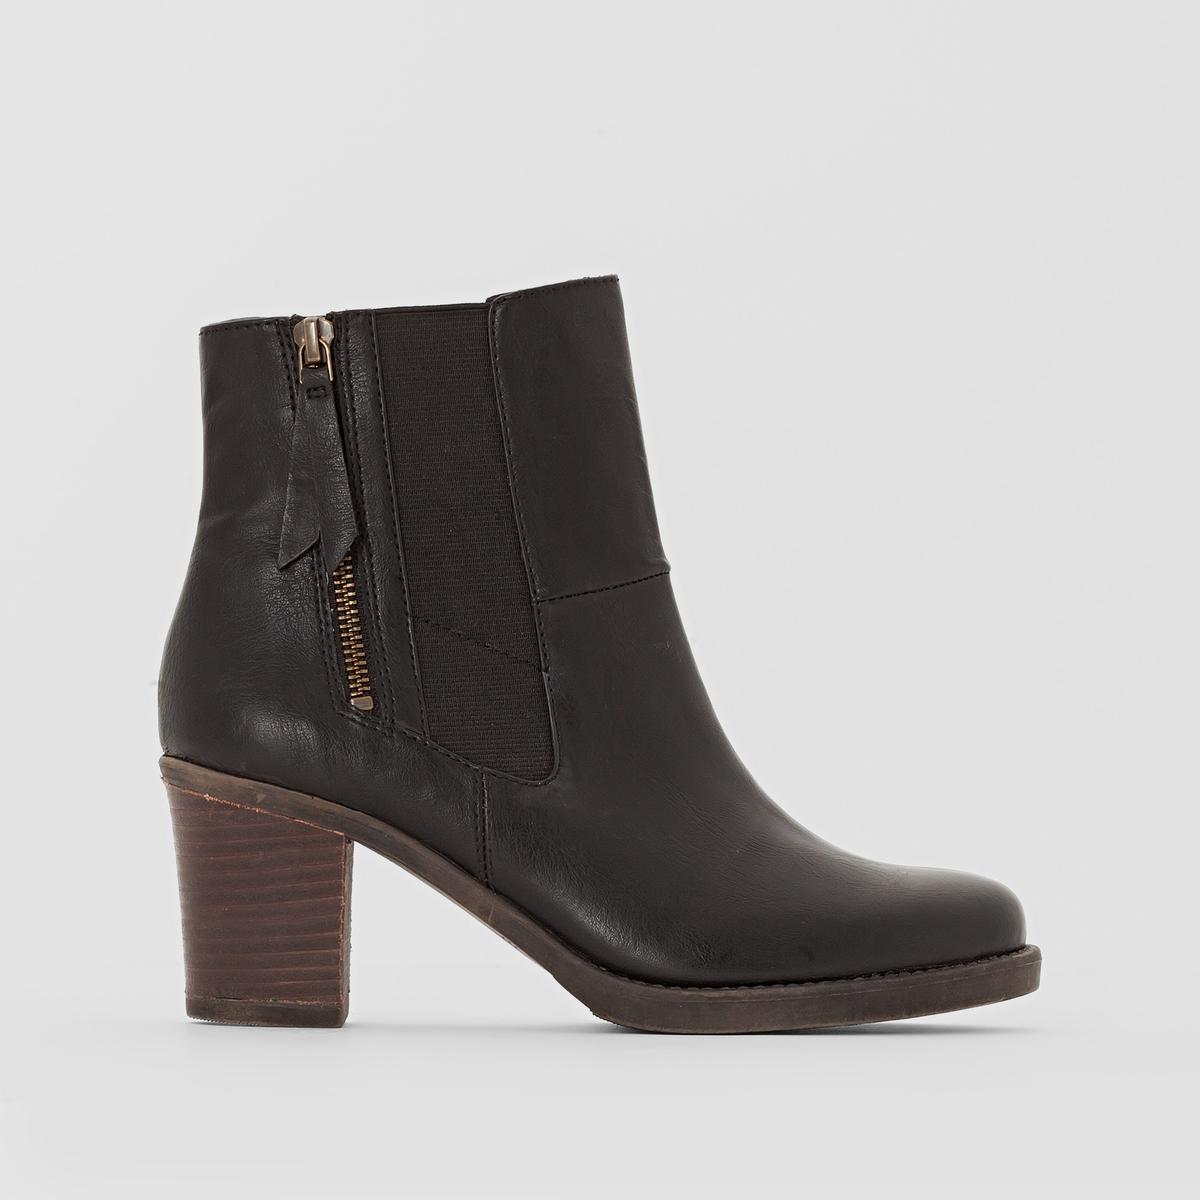 Ботильоны на каблуке MAURA BOOTIEПодкладка: синтетический материал        Стелька: полиуретан   Подошва: каучук.    Высота каблука: 7 см   Высота голенища: 12 см    Форма каблука: широкий   Мысок: закругленный   Застежка: на молнии<br><br>Цвет: черный<br>Размер: 40.38